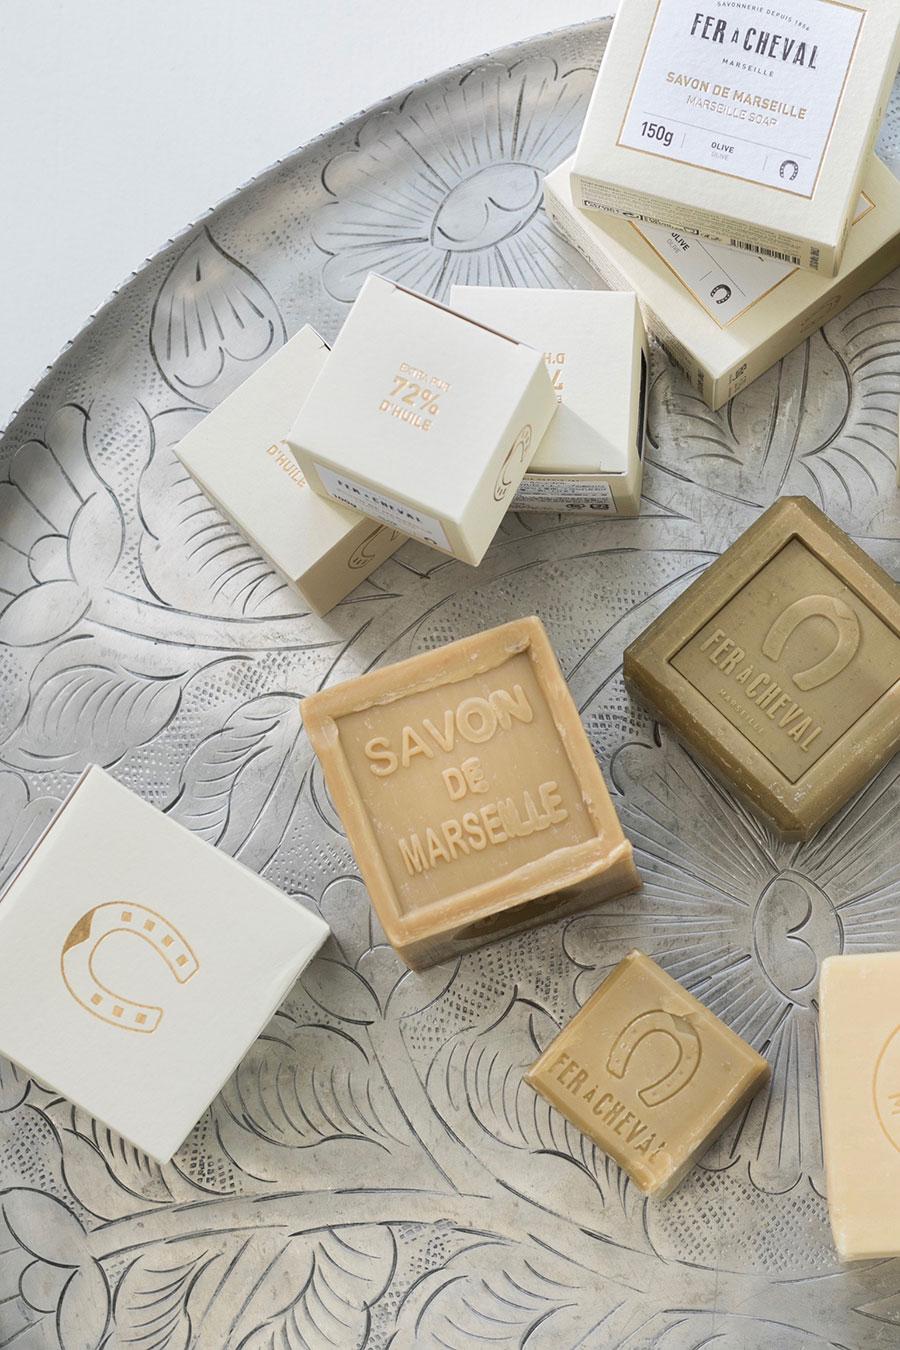 馬蹄や72%など、ブランドを象徴する刻印をゴールドのエンボス加工で施したモダンなパッケージも魅力。ギフトにも喜ばれそう。